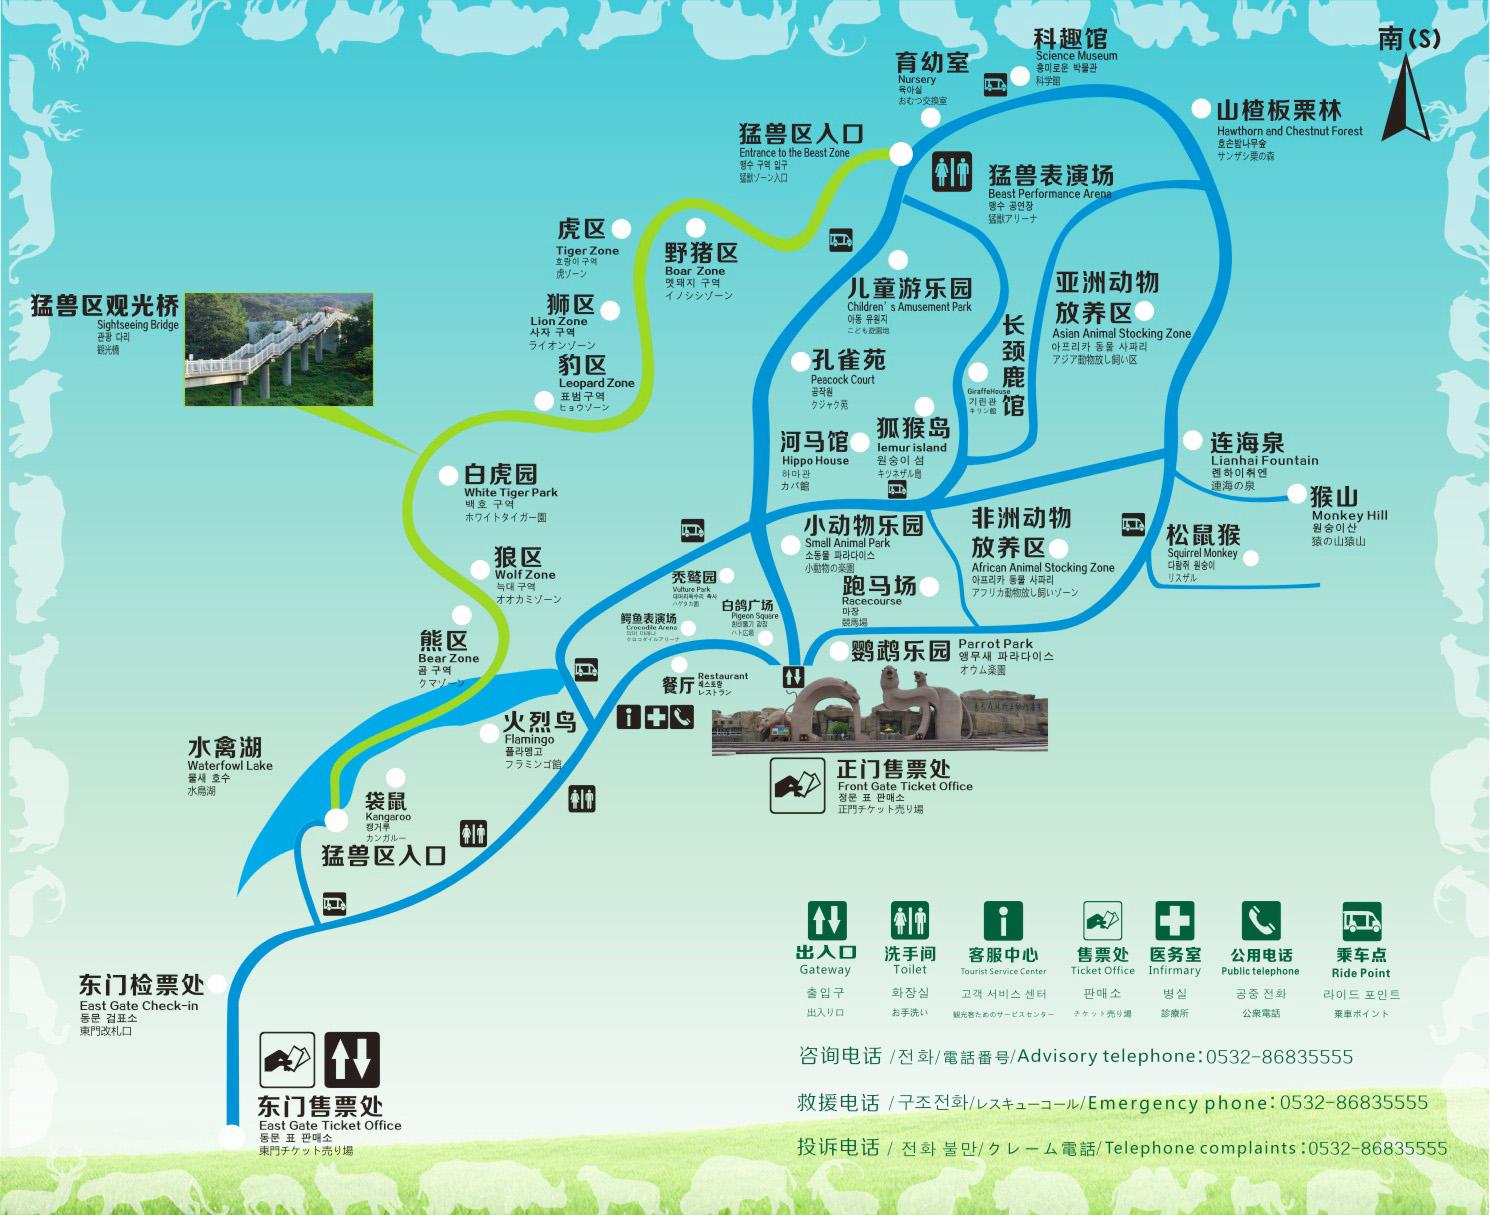 Zoos Qingdao Zoo